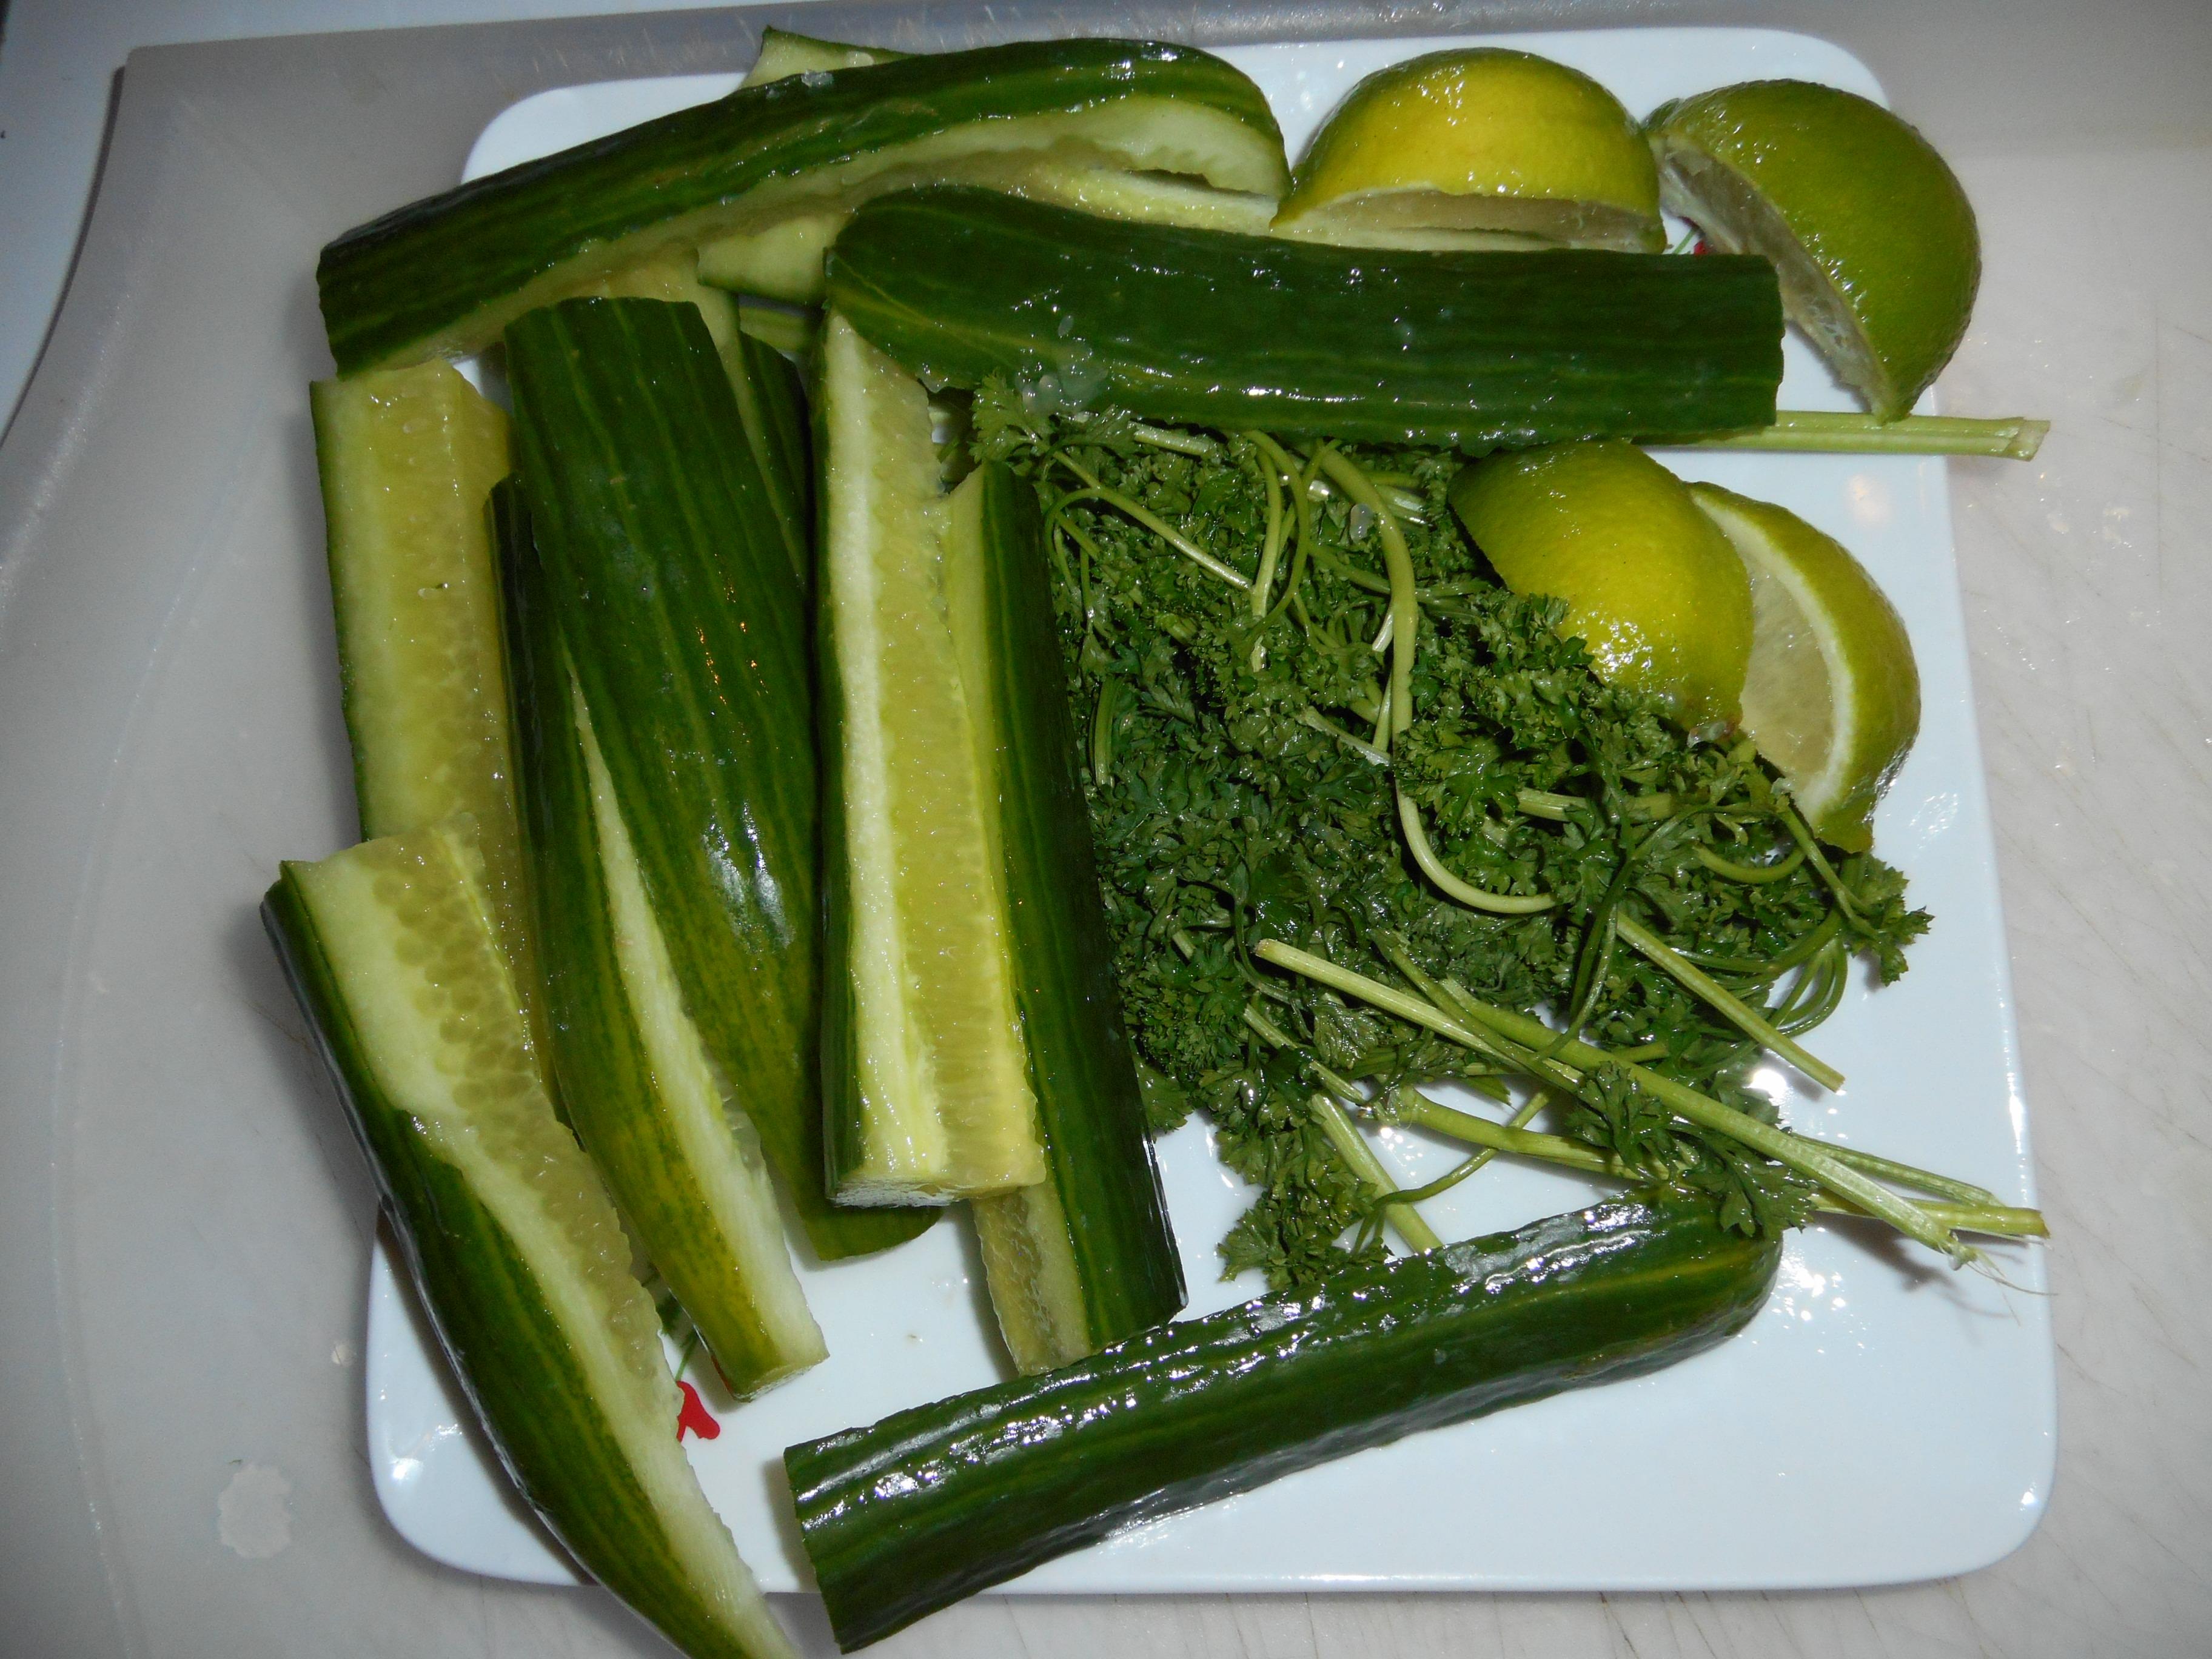 d couvrez cette recette de jus vert au concombre et au persil. Black Bedroom Furniture Sets. Home Design Ideas